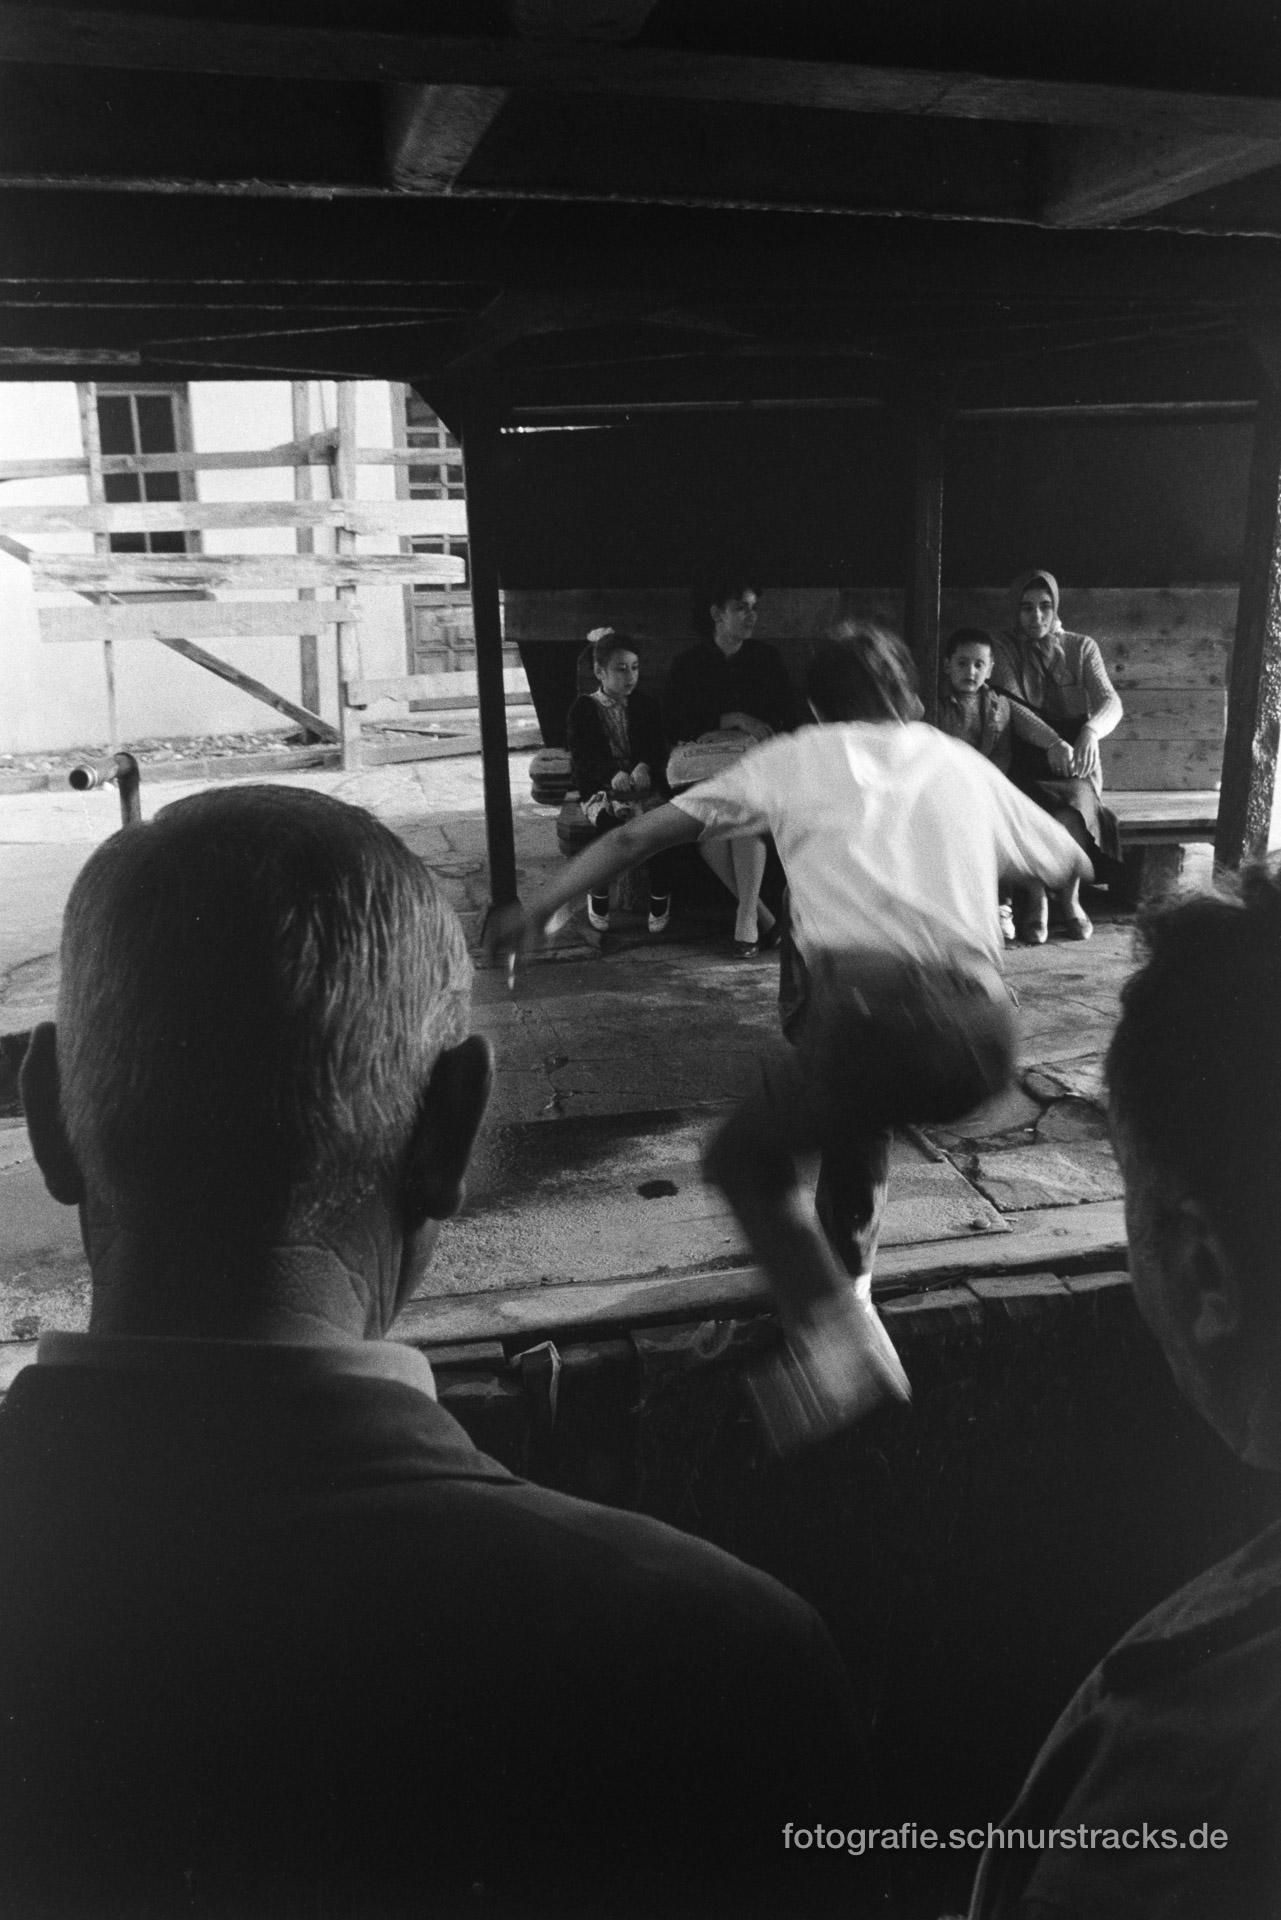 Sprung von der Fähre nach Asien – Istanbul 1987